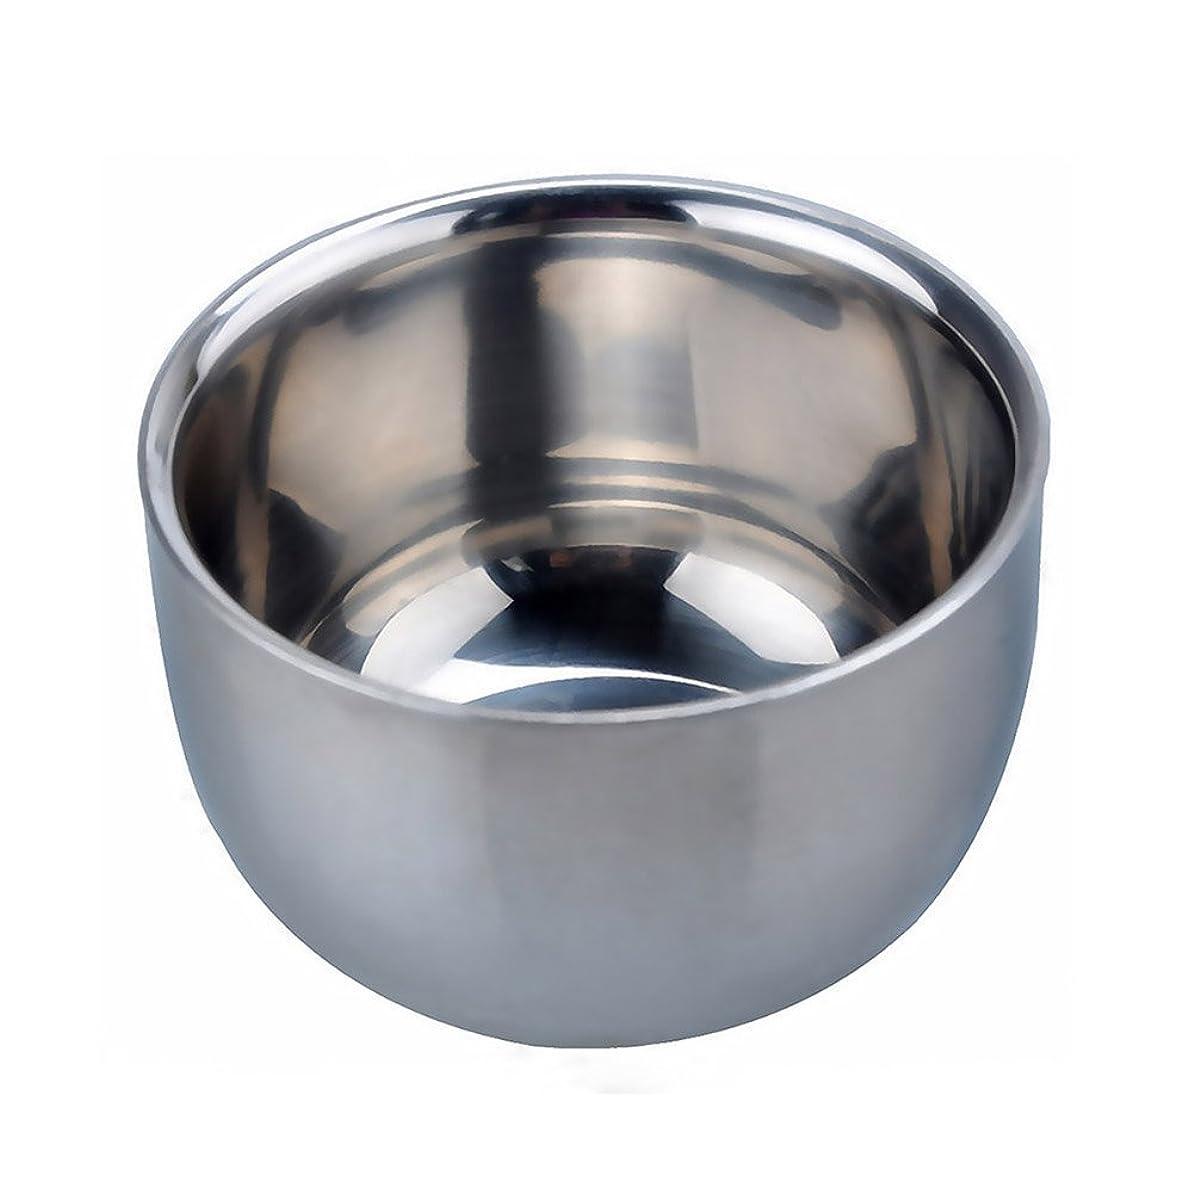 弱い保存スキャンダルMen's Durable Shave Soap Cup Shining High Quality Double Layer Stainless Steel Heat Insulation Smooth Shaving Mug Bowl [並行輸入品]